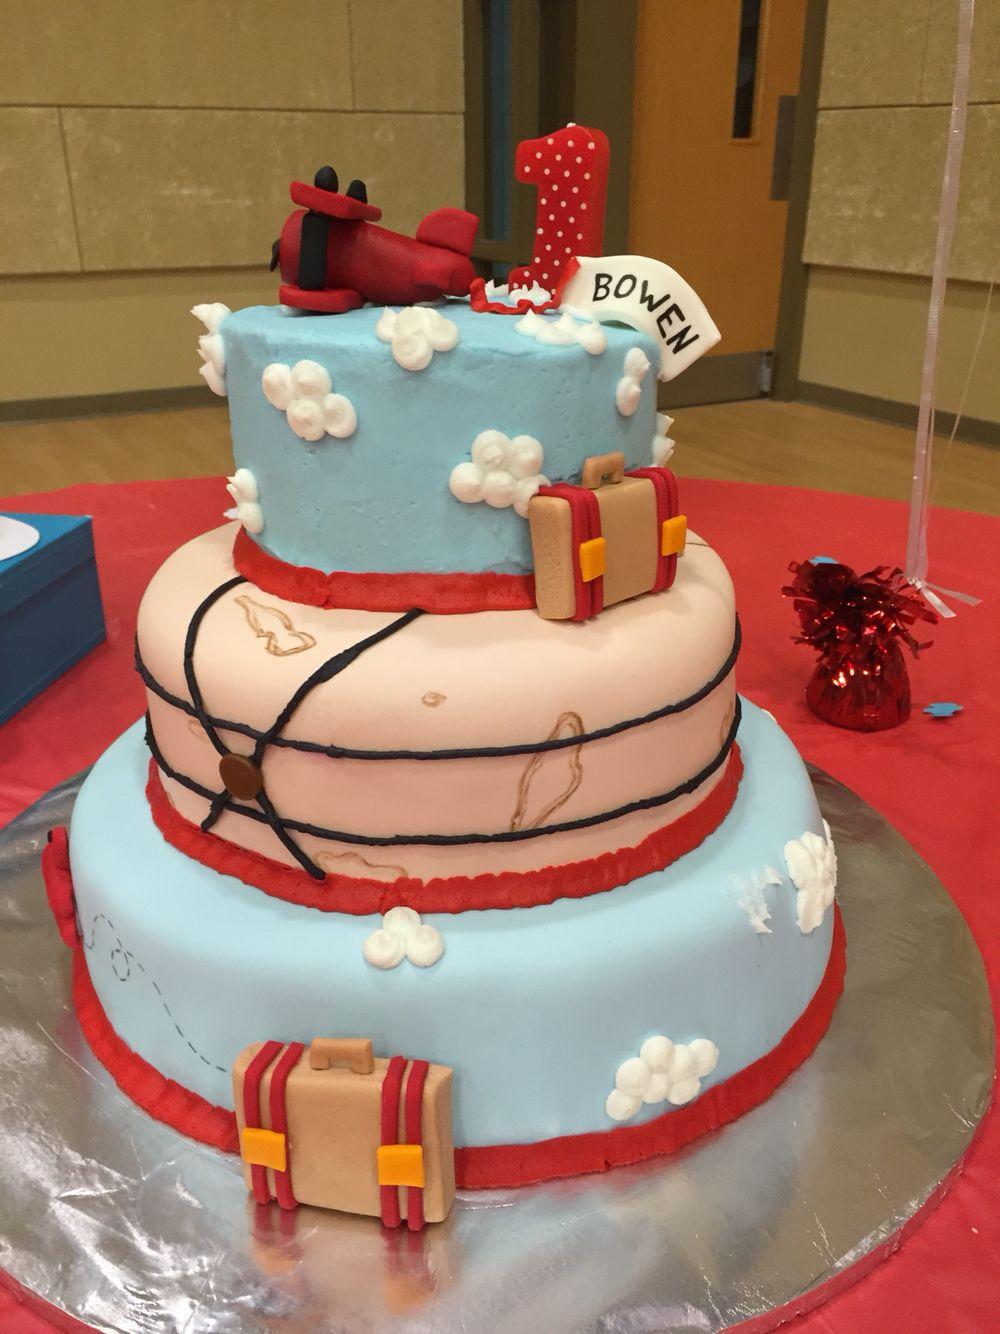 Birthday cake cake desserts birthday